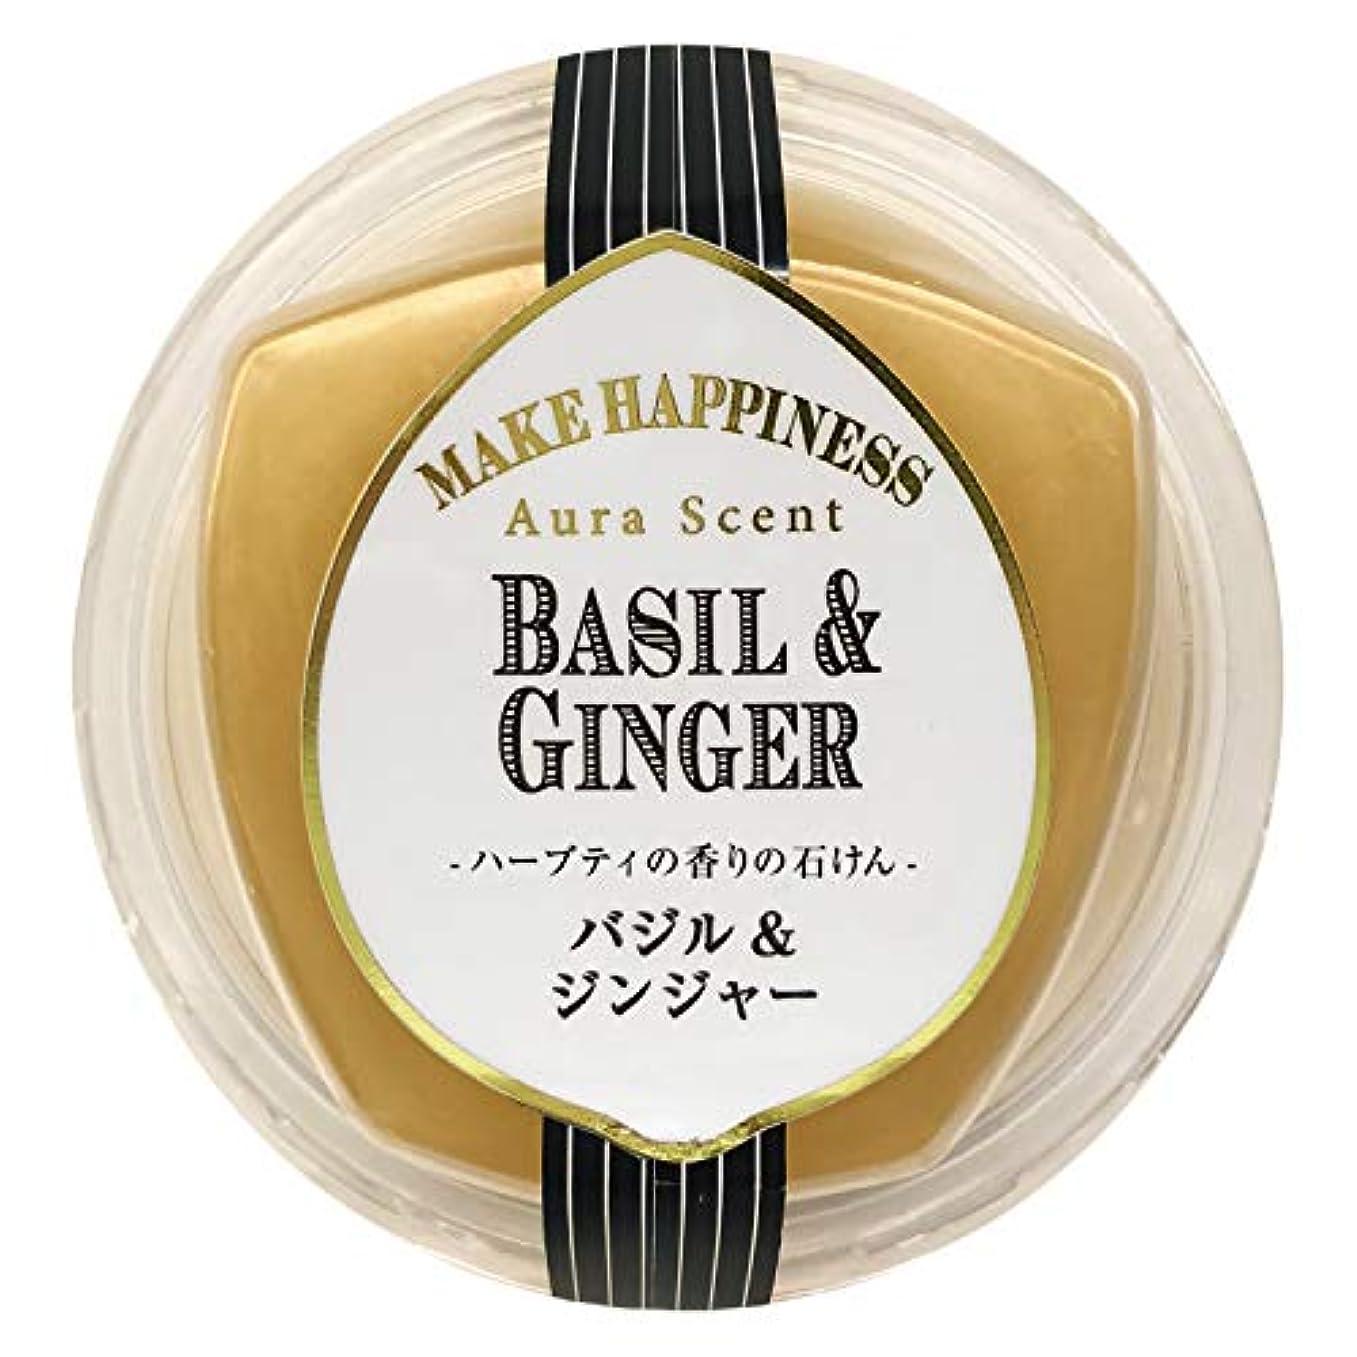 幻滅のディンカルビルペリカン石鹸 オーラセント クリアソープバジル&ジンジャー 75g